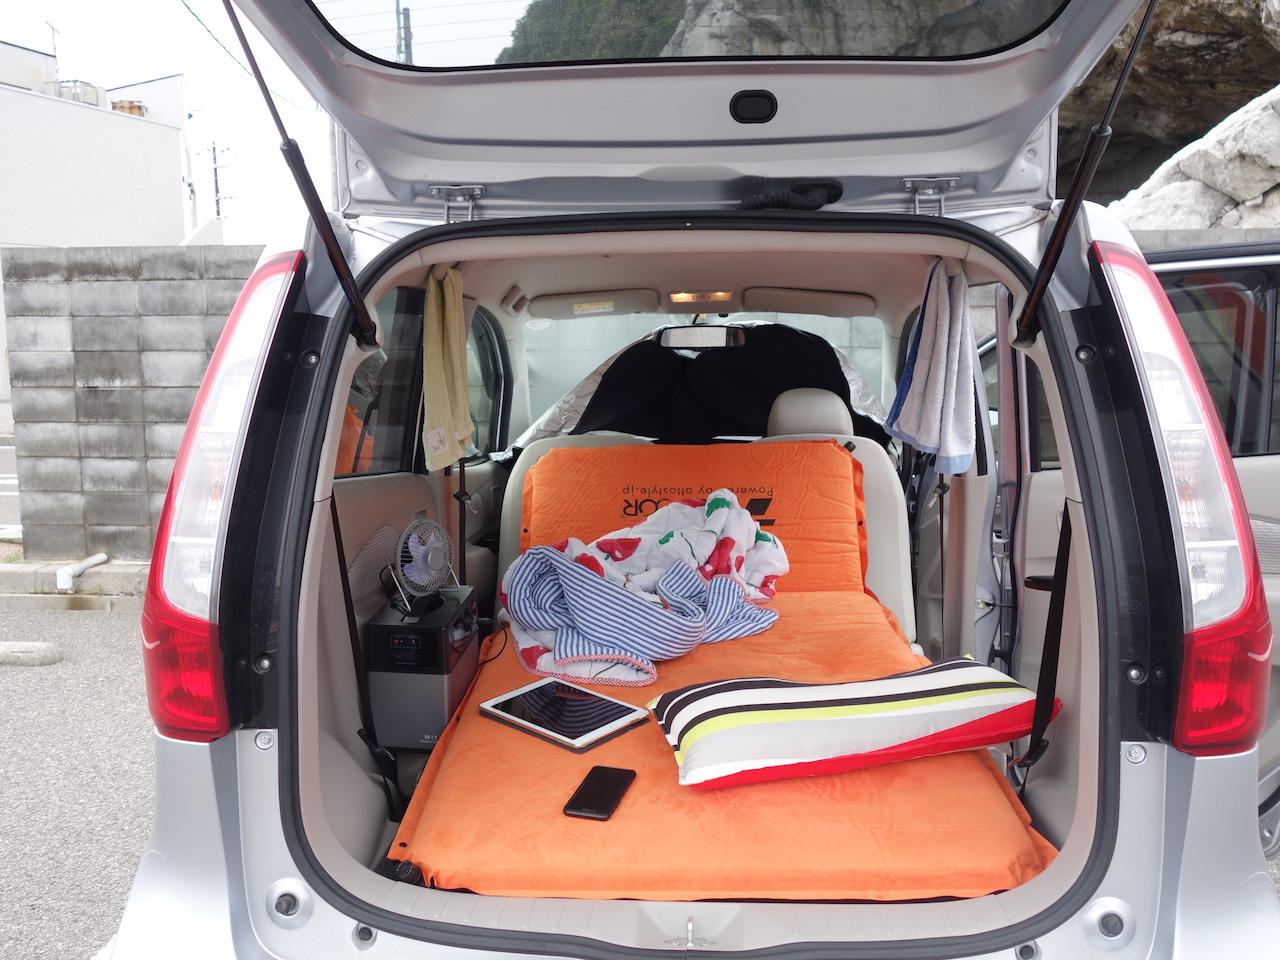 軽自動車でも車中泊できるぞ!日産デイズの車中泊スタイルはコレで決まり!?